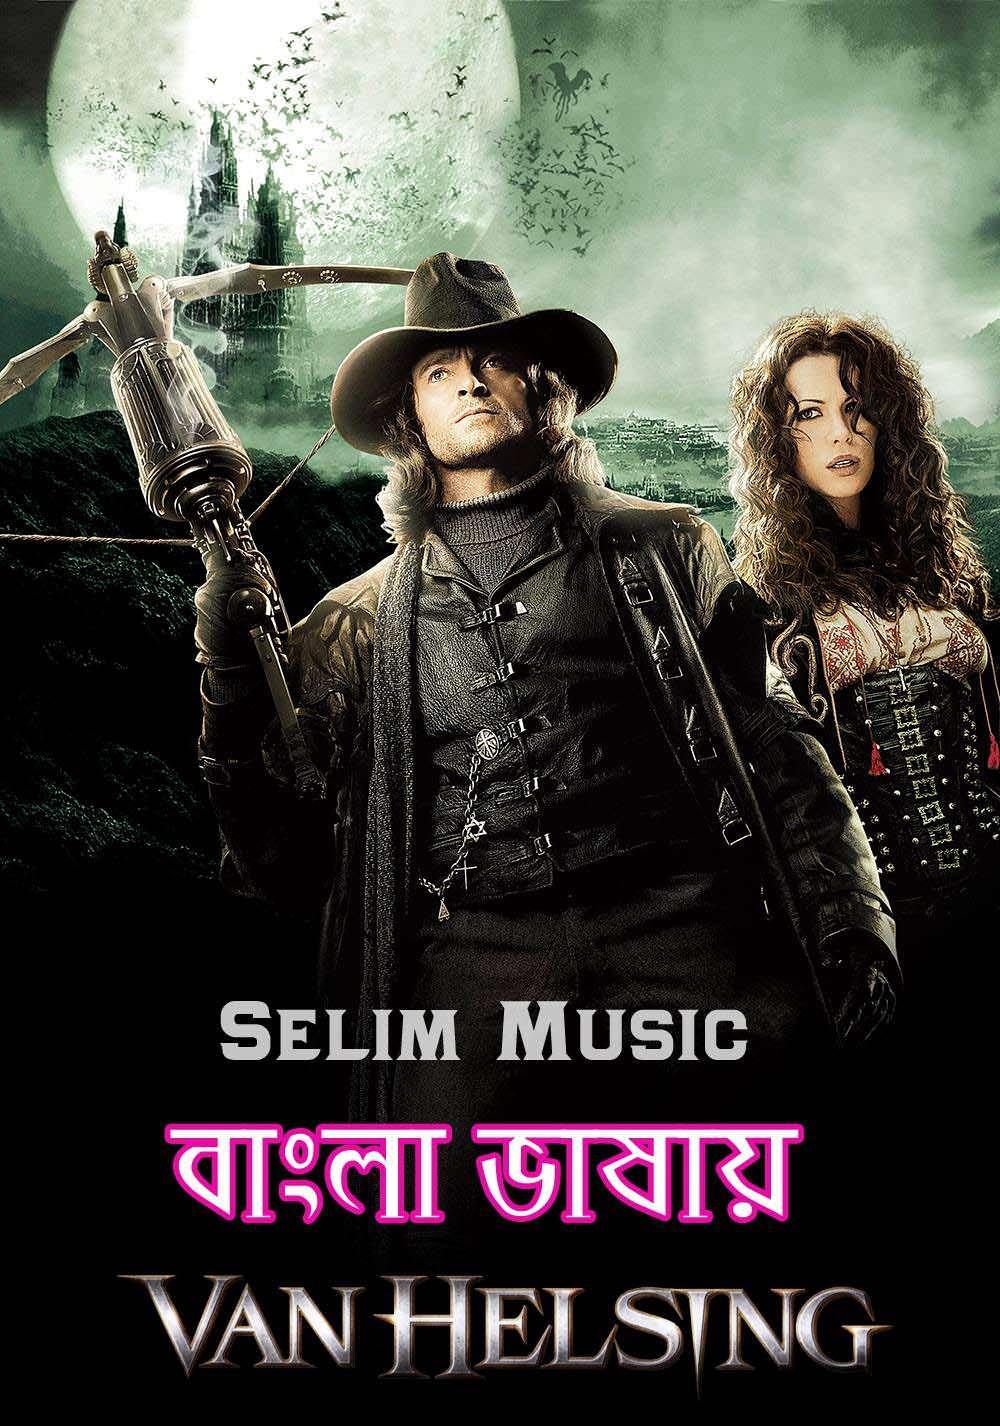 van helsing full movie hd hindi mai